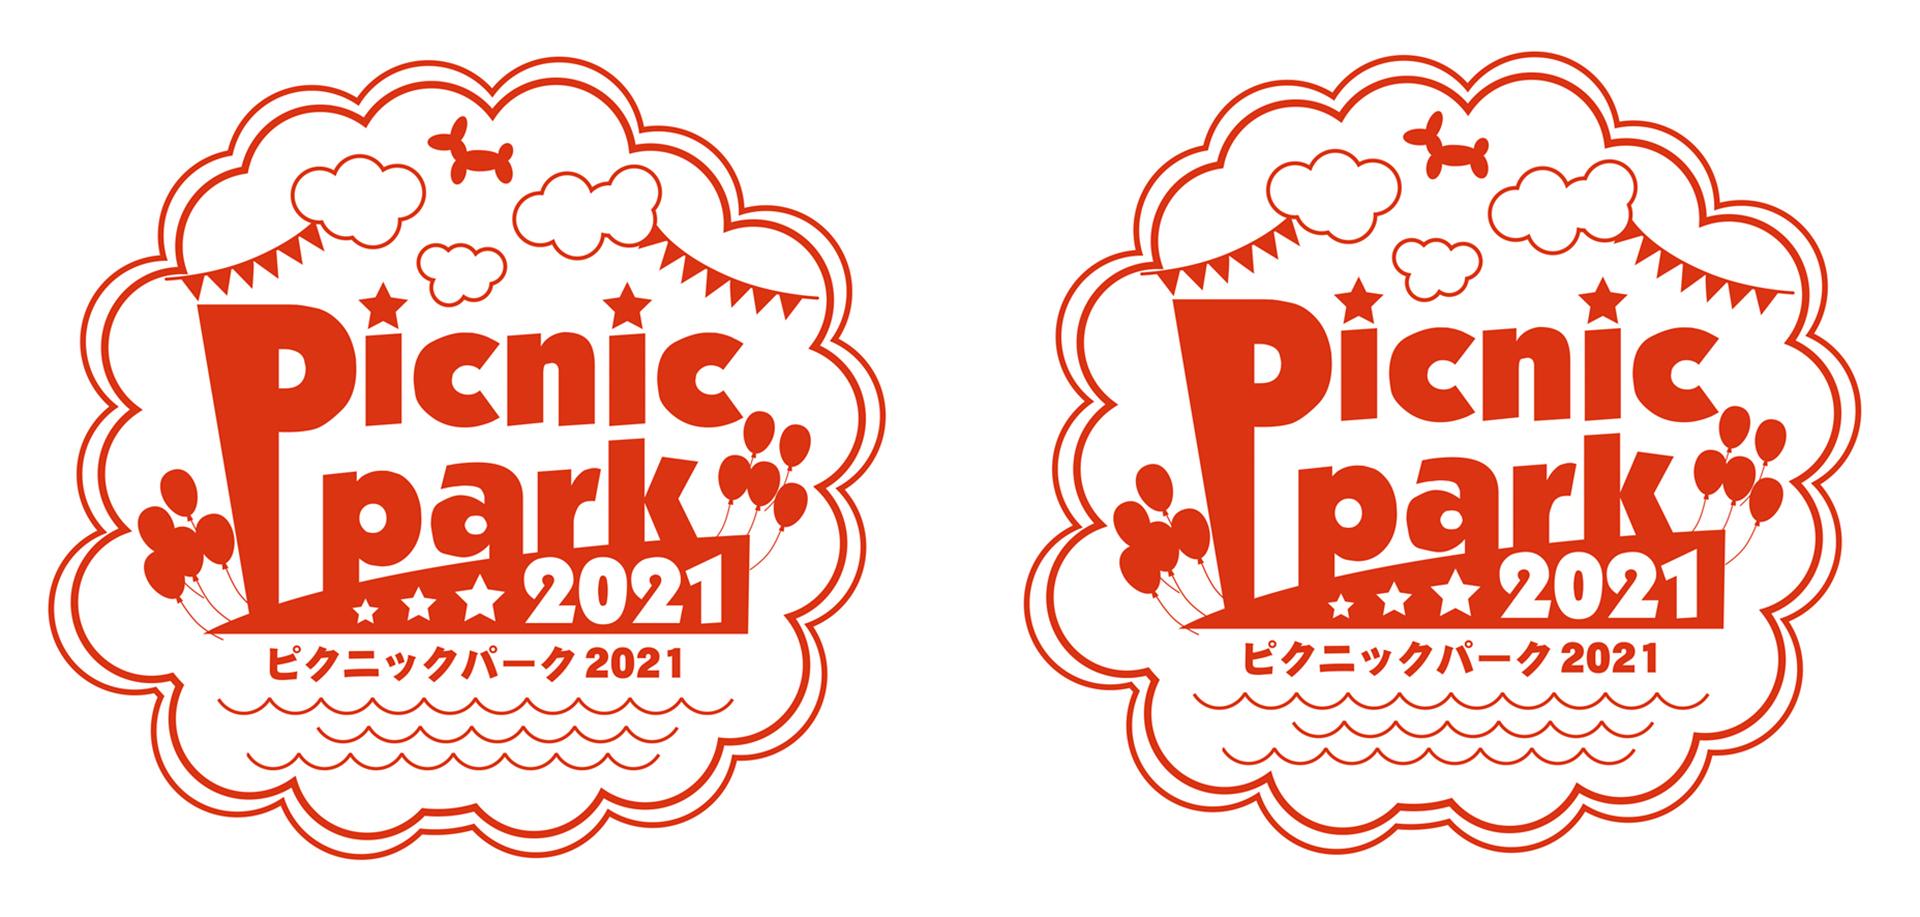 東京スカイツリータウン(R) ピクニックパーク 2021